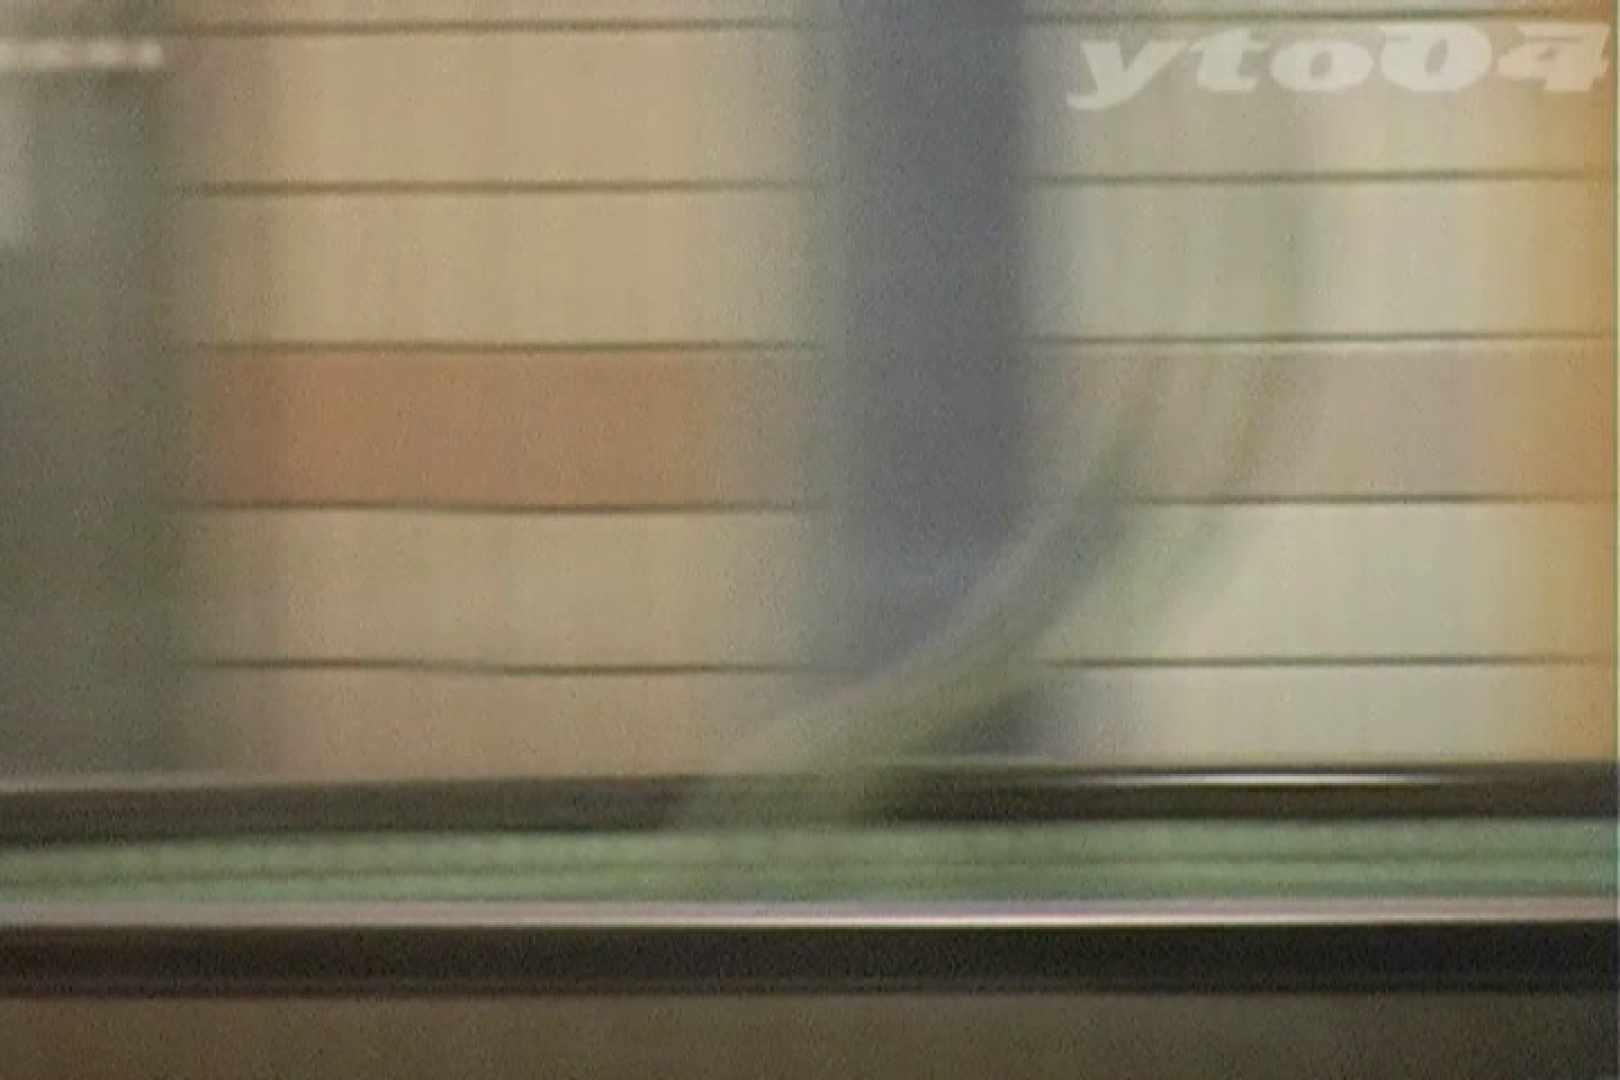 ▲復活限定▲合宿ホテル女風呂盗撮 Vol.24 ホテル  84PIX 29